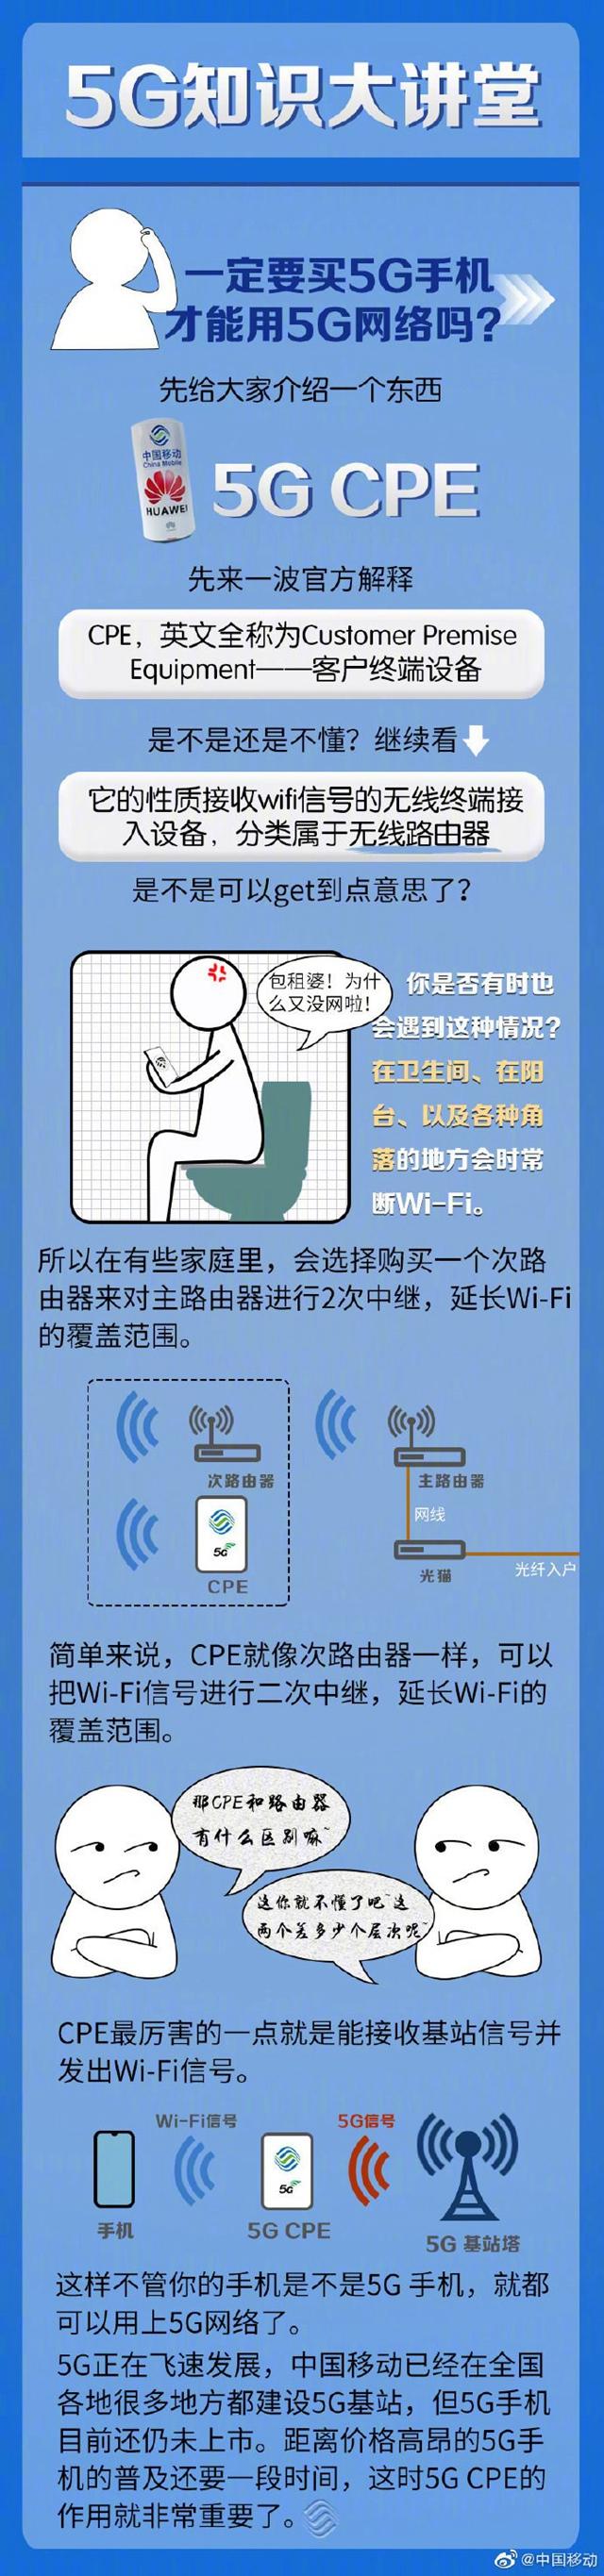 没有5G手机,又想体验5G网络怎么办?